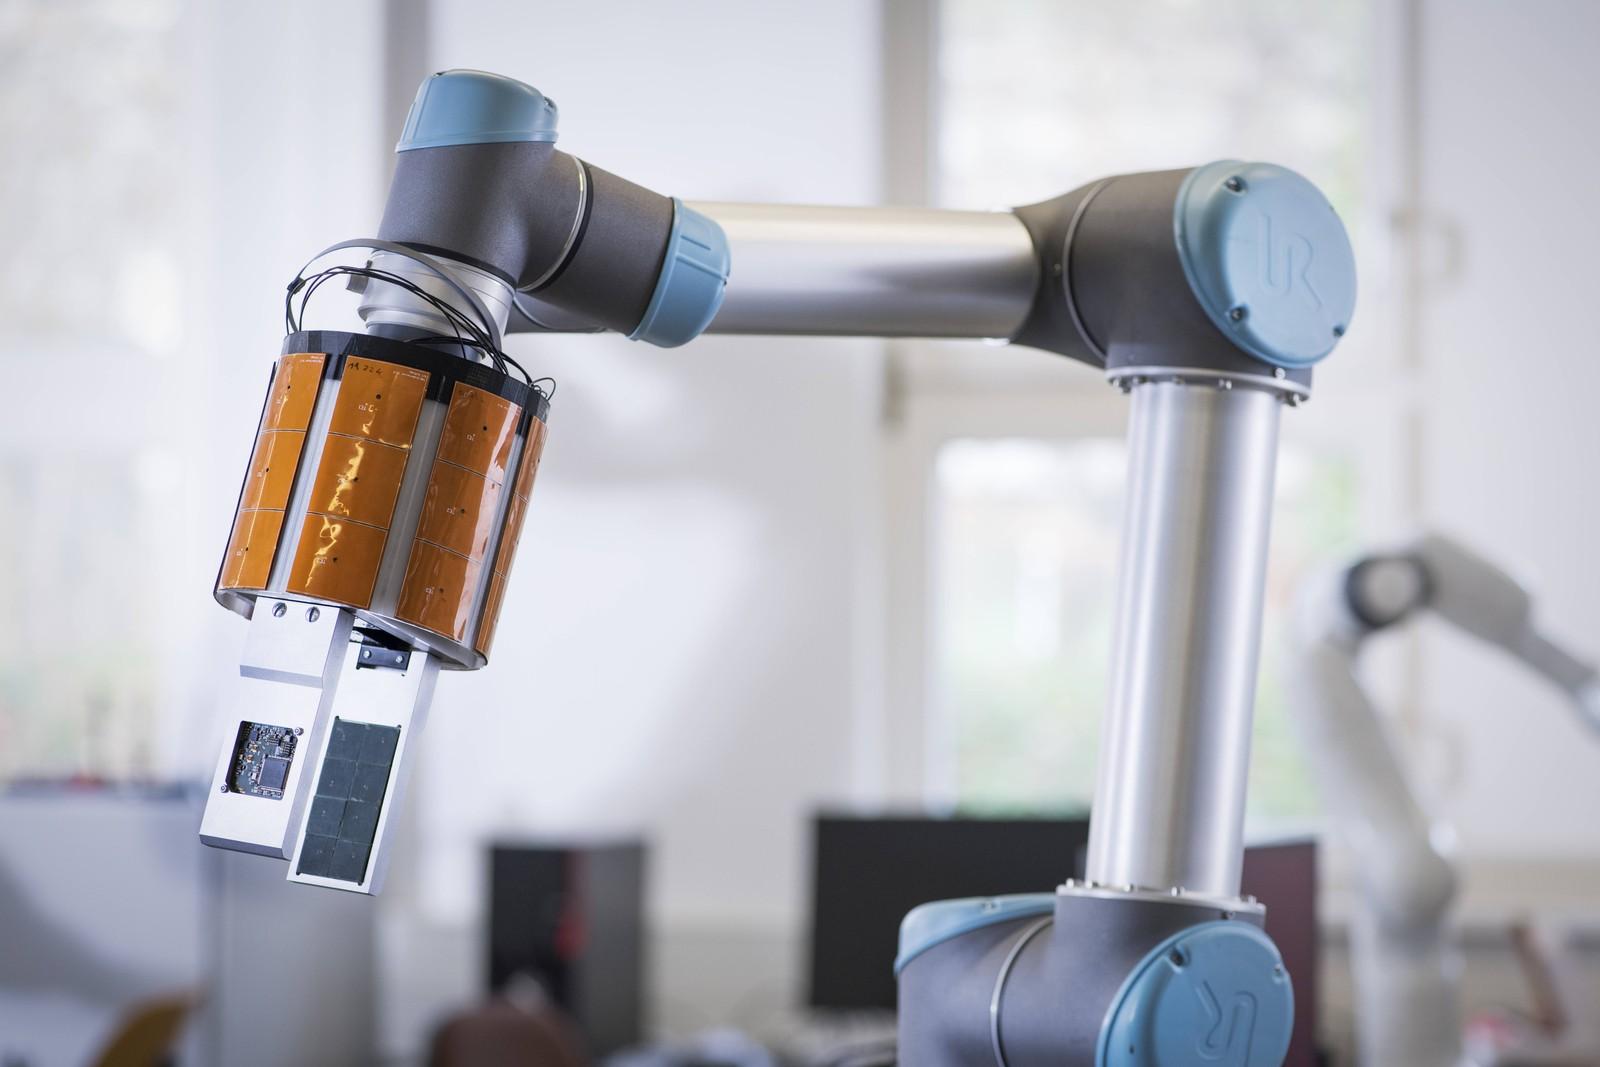 Robotergreifarm mit taktilen Näherungssensoren: Die multimodale Sensorik verbesserte die Kooperation zwischen Mensch und Roboter – und macht sie sicherer.